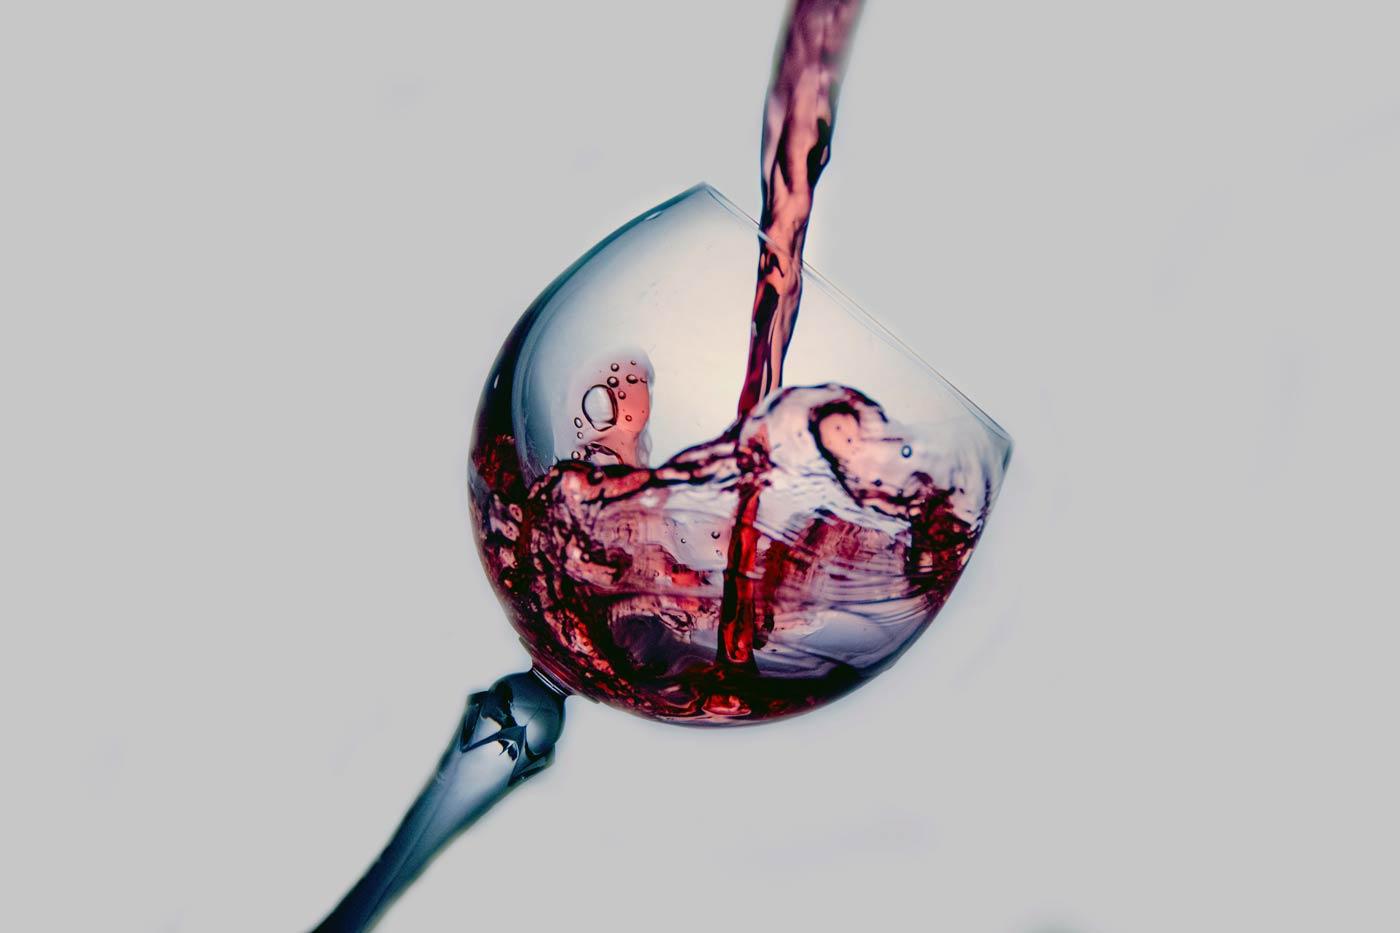 Kieliszek do którego nalewane jest wino